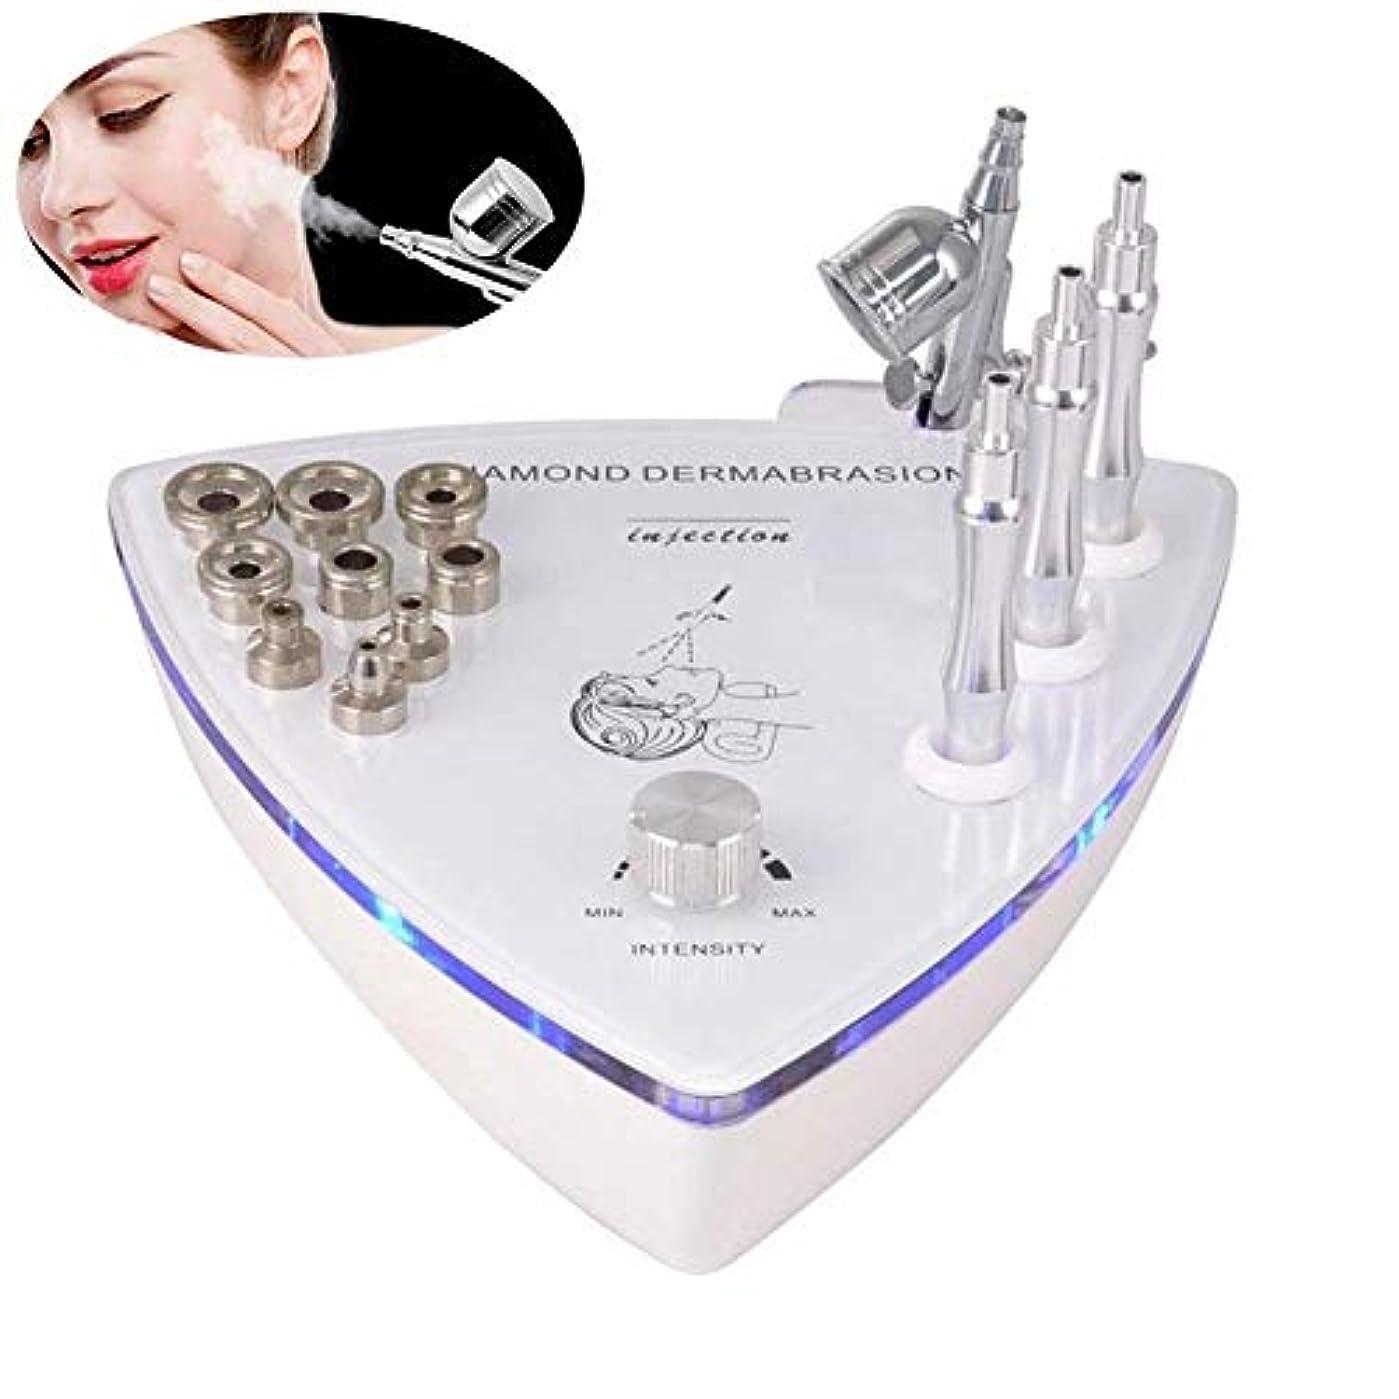 生き残ります振る舞う認める2 1ダイヤモンド皮膚剥離機では、アンチエイジングピーリングプロフェッショナル美容機を締め付けスプレーガンマイクロダーマブレーションと酸素スプレー洗顔の肌の若返りしわ除去肌に